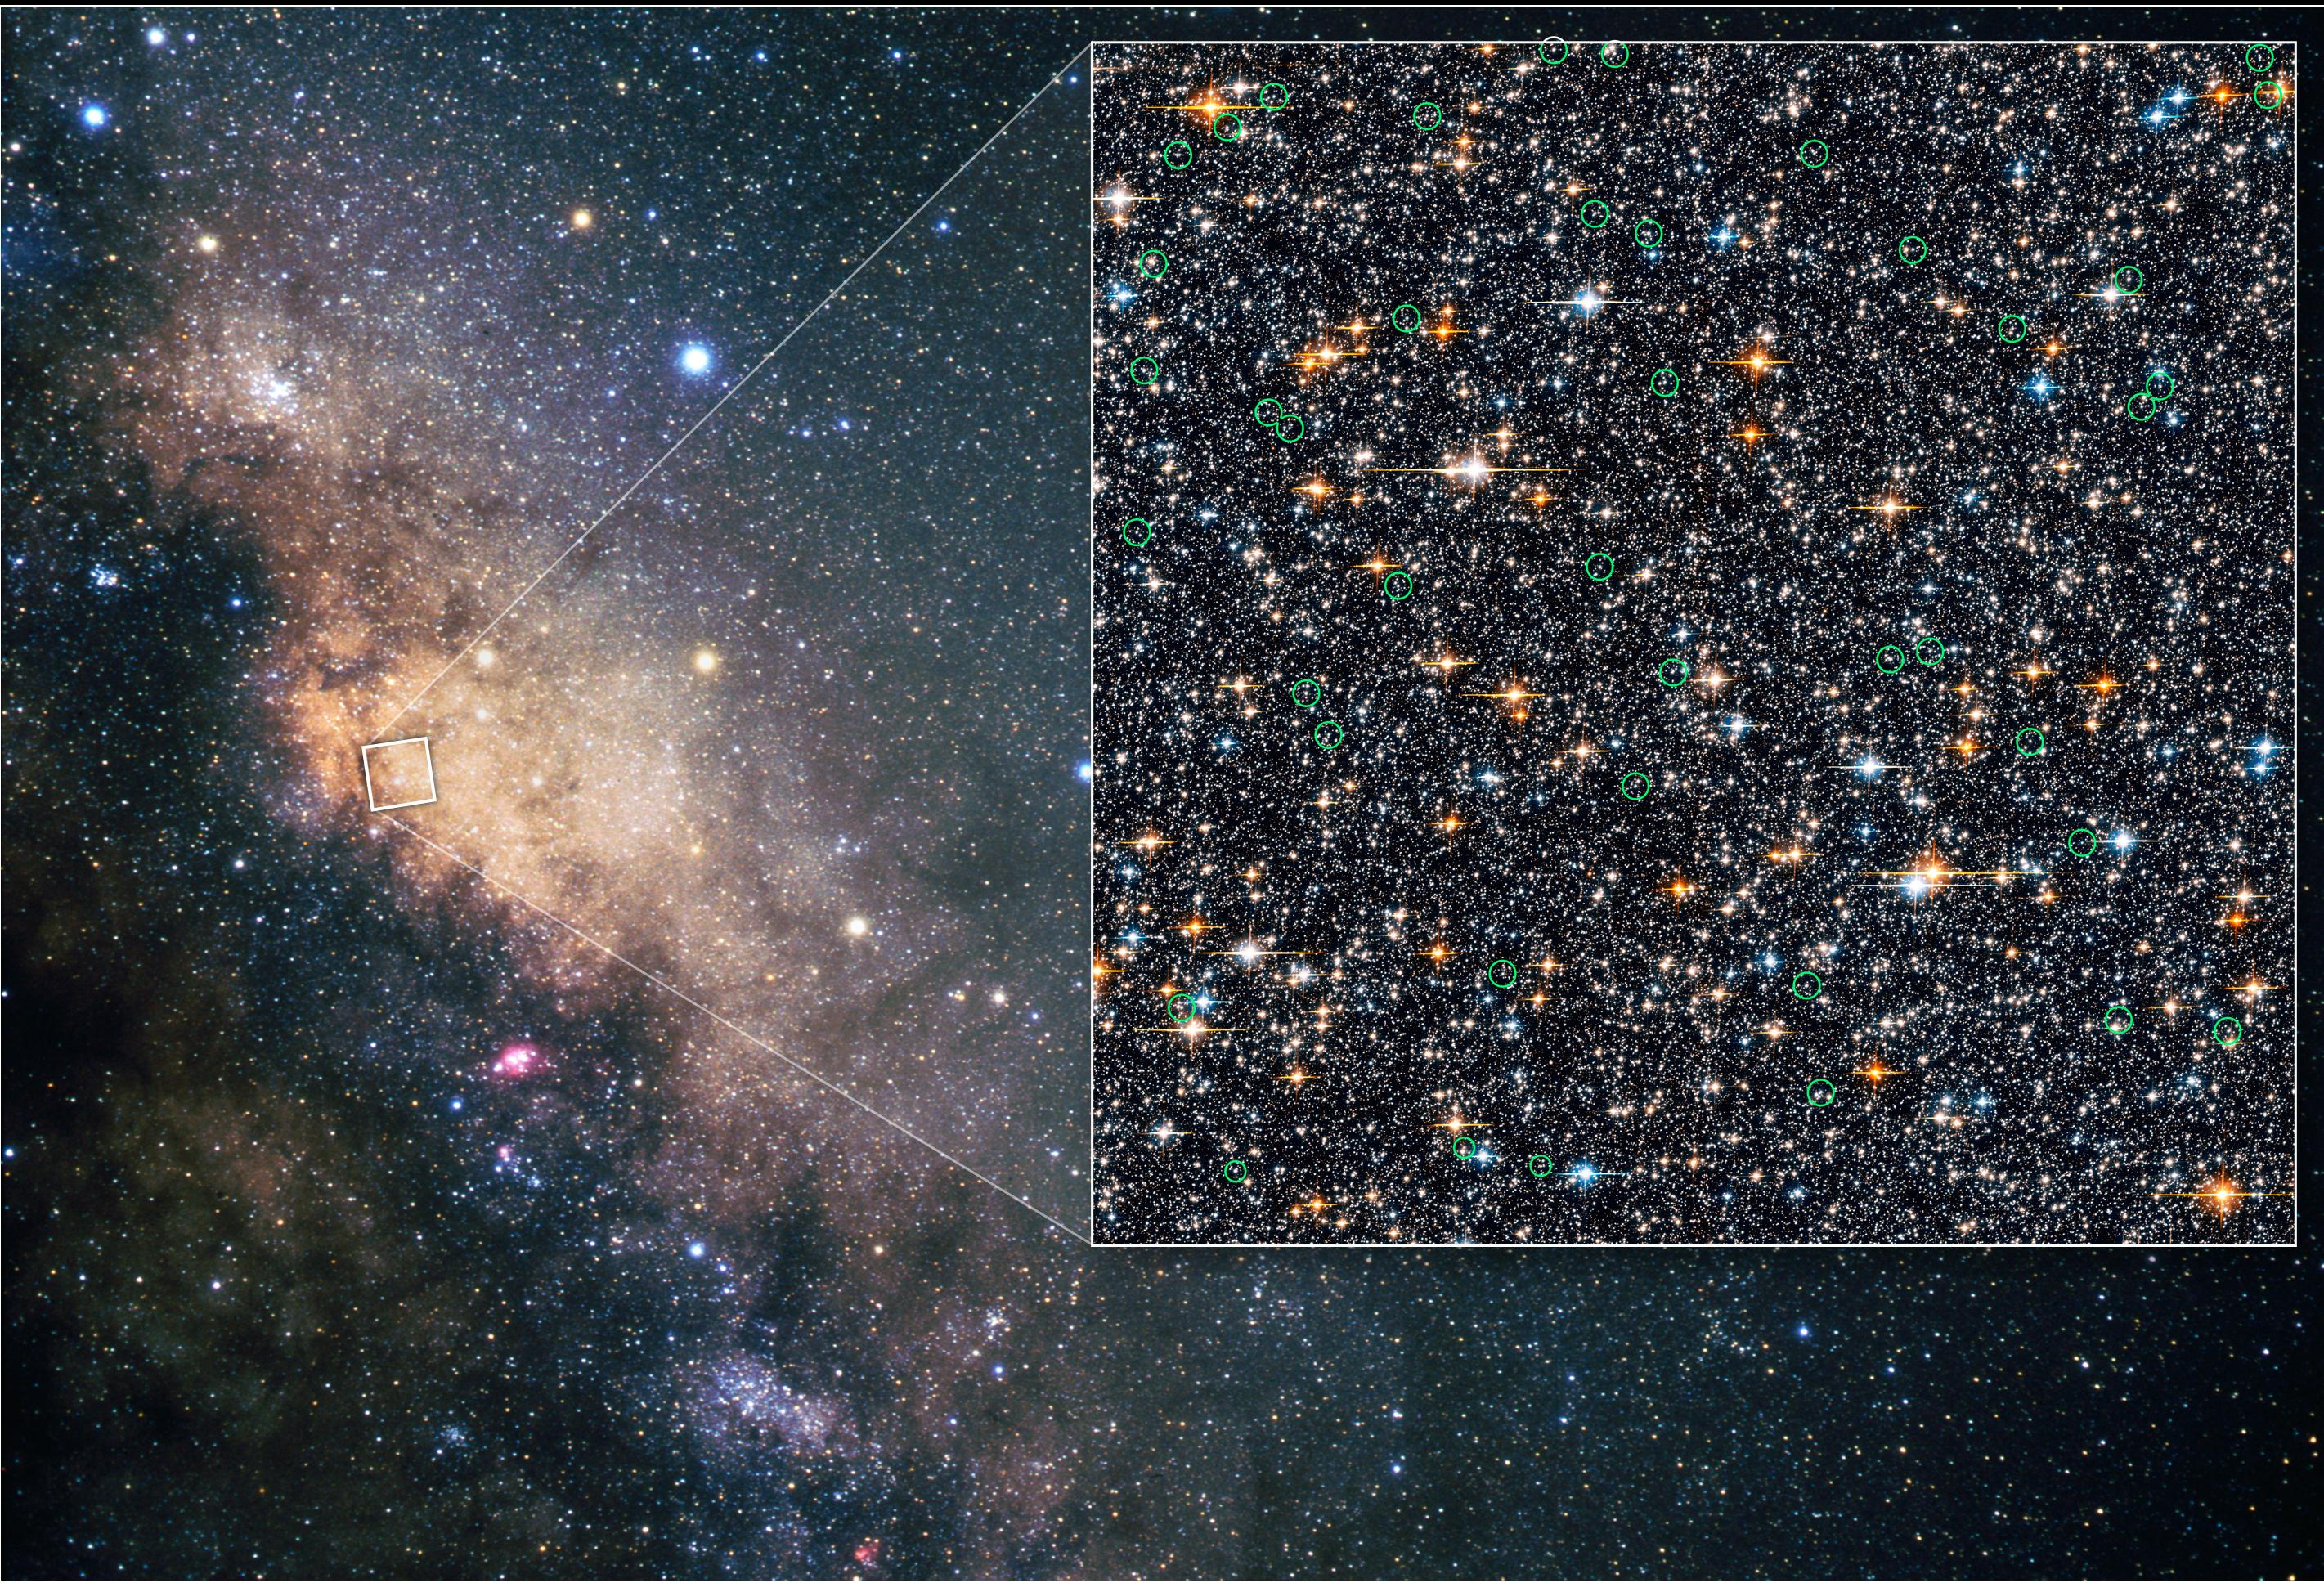 какие звёзды находятся в нашей галактике